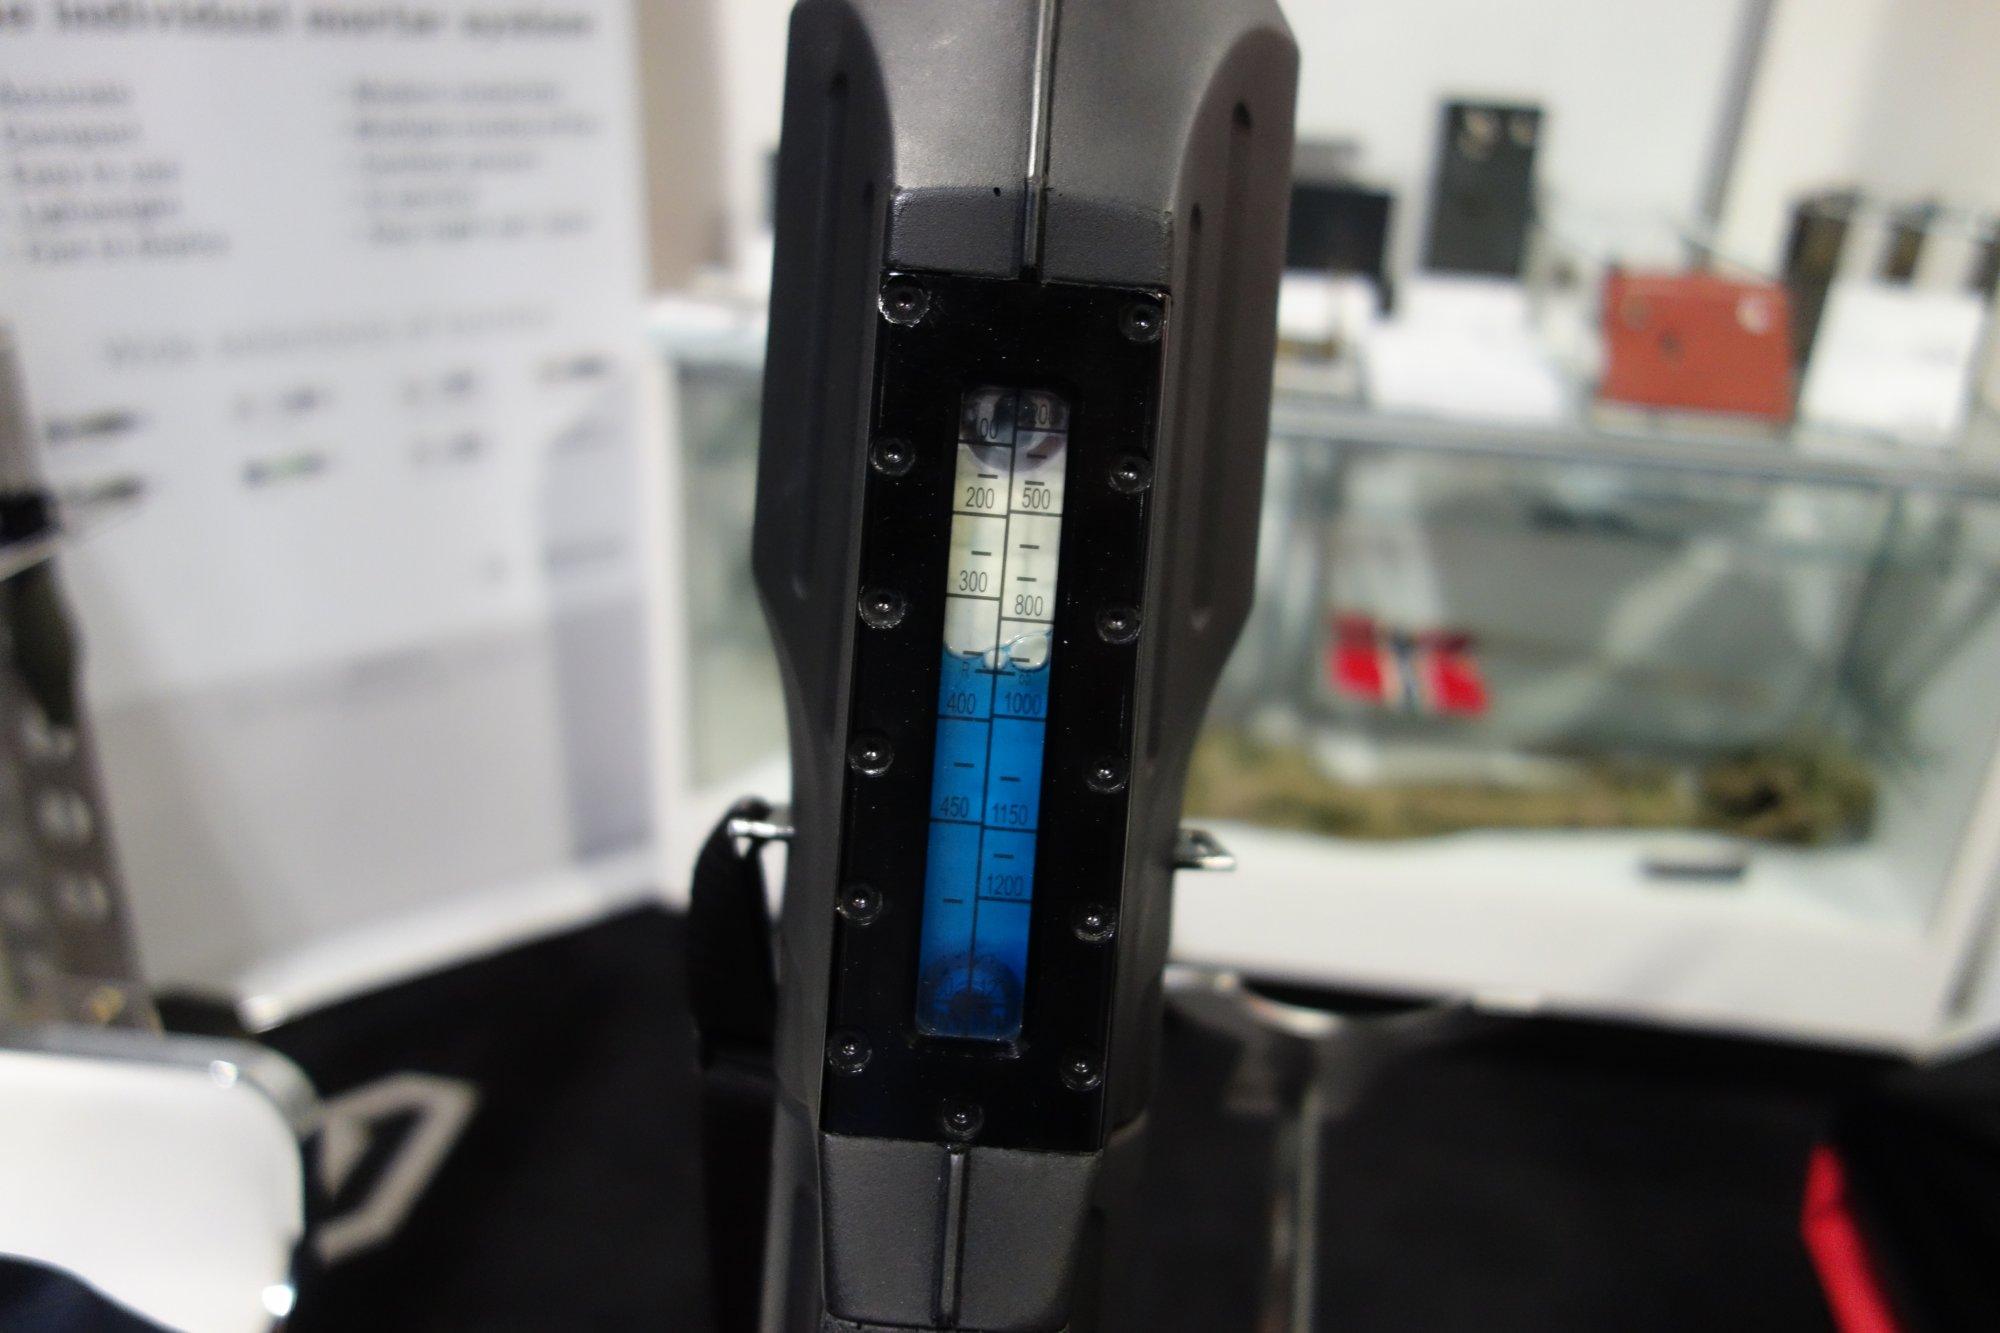 DSG Technology/Mortars Inc  iMortar Ultra-Lightweight, Manpackable